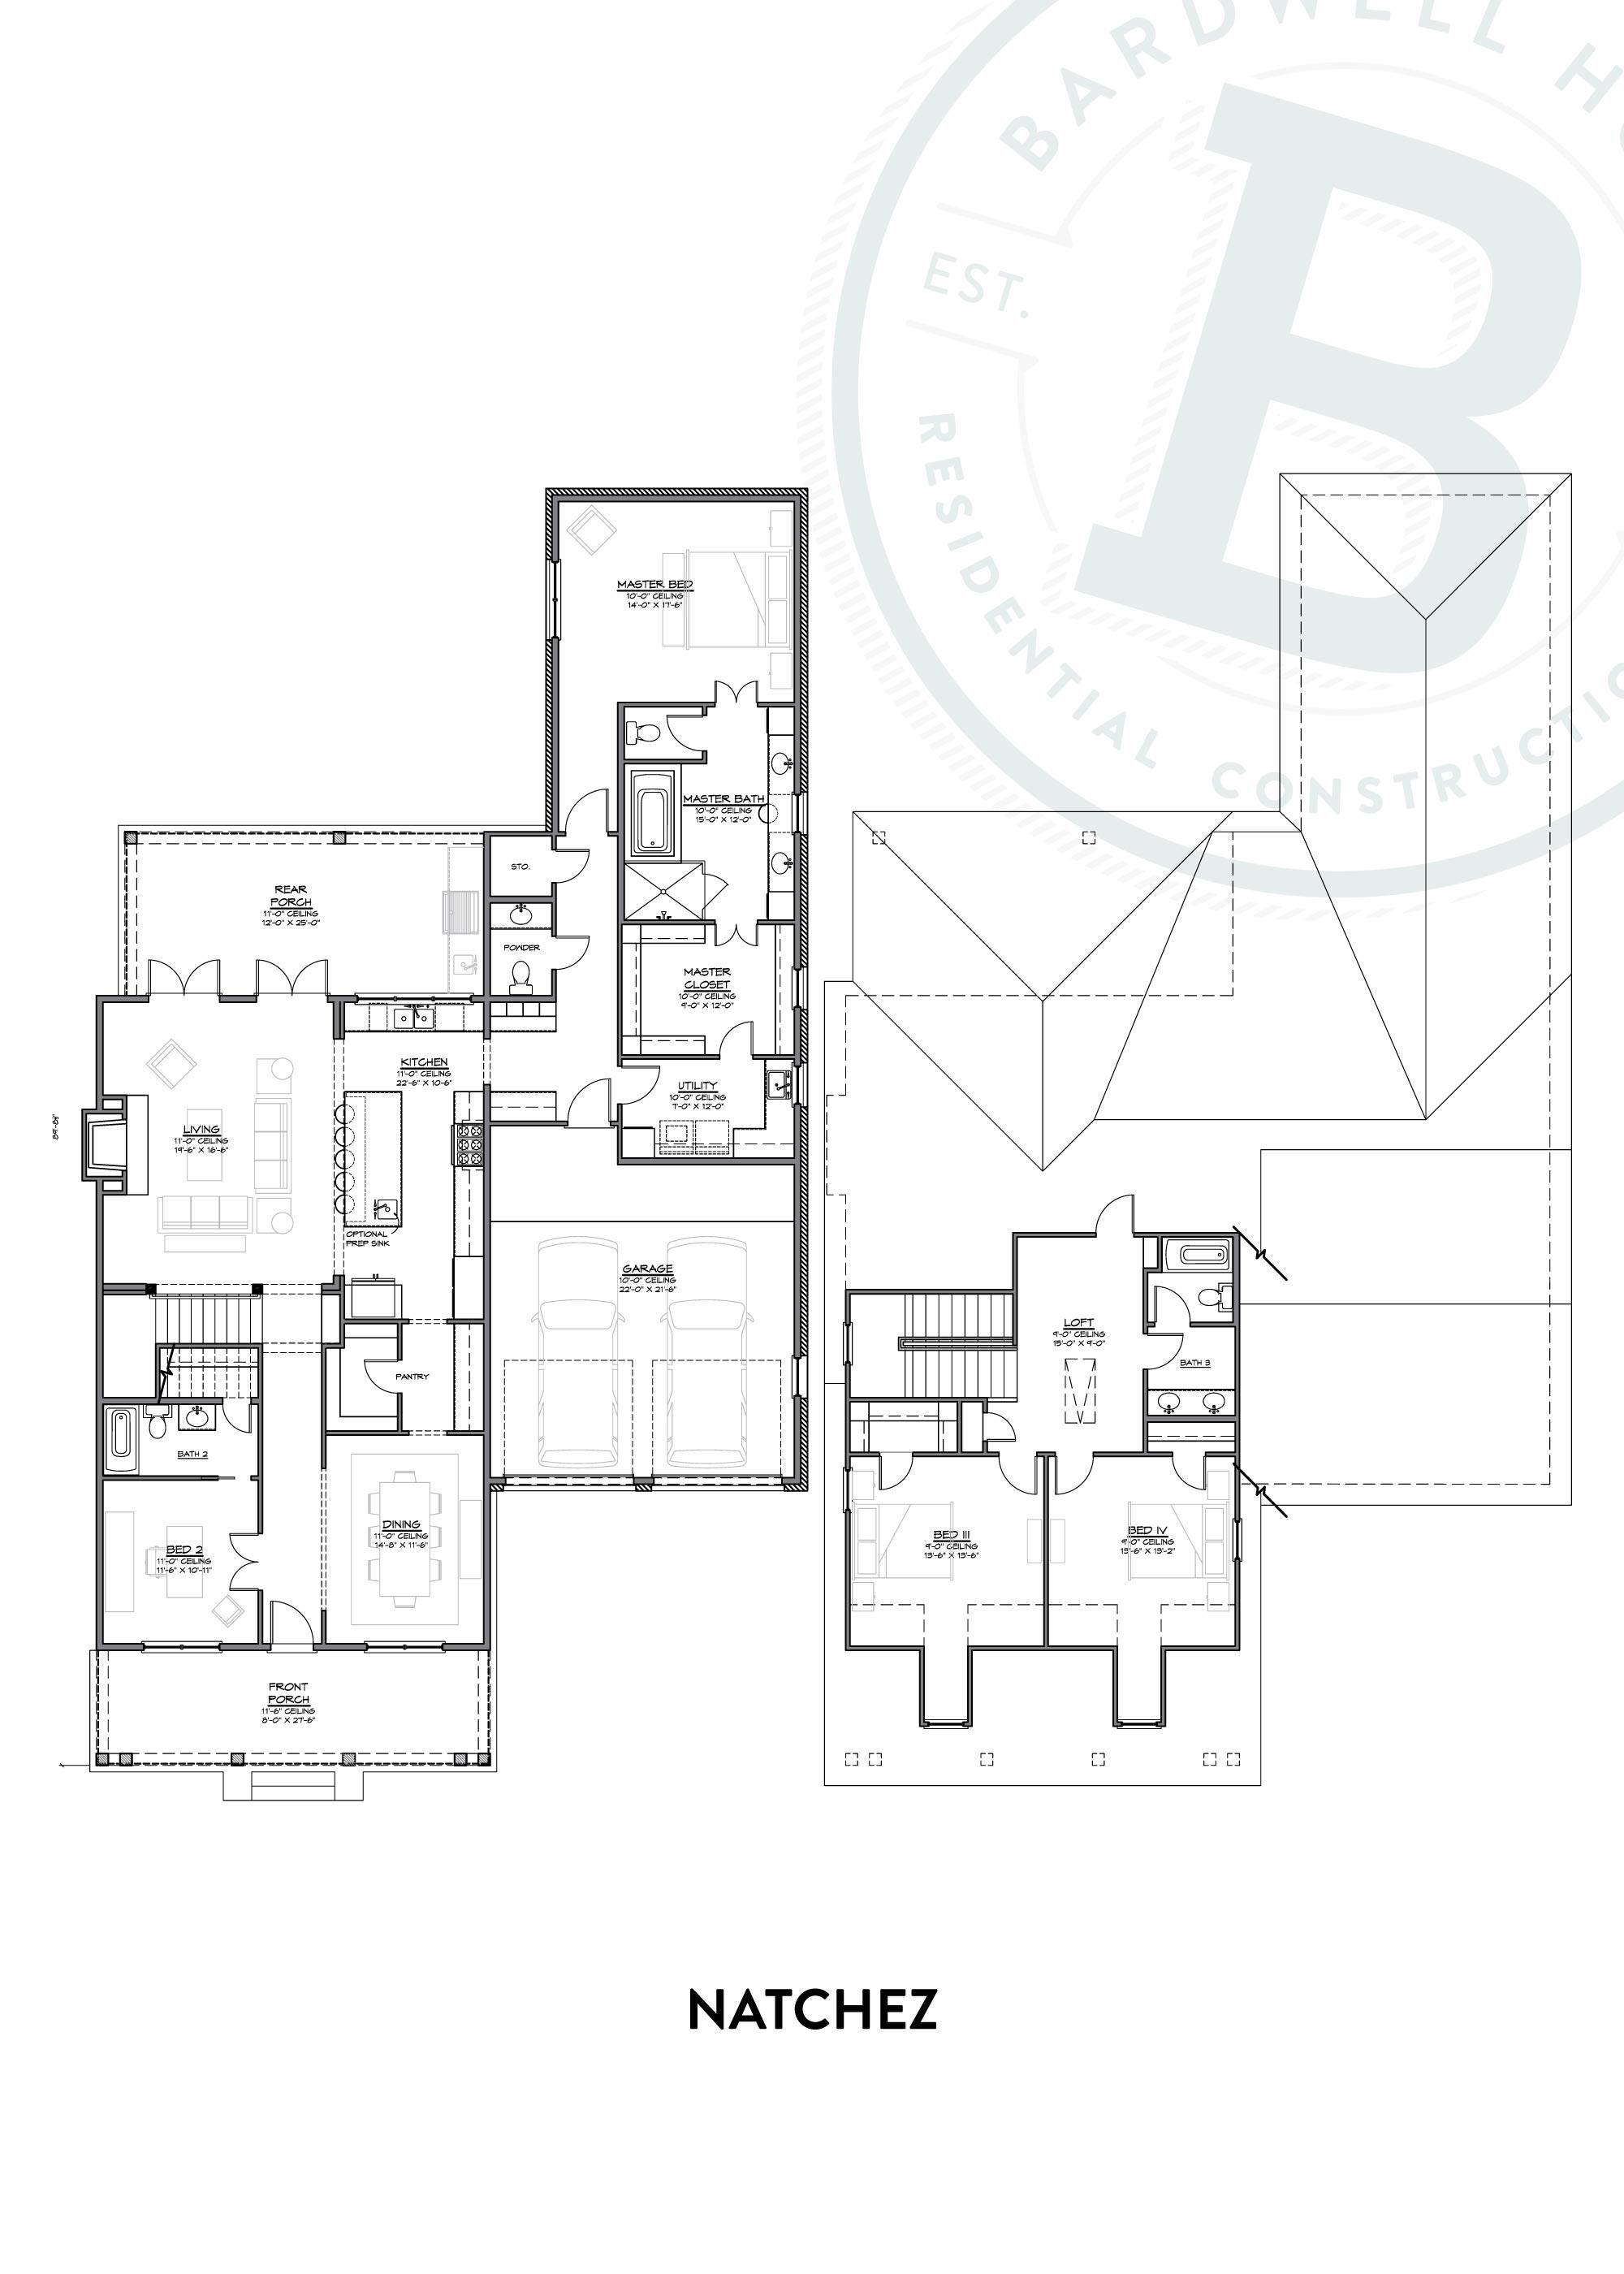 Natchez A Floorplan